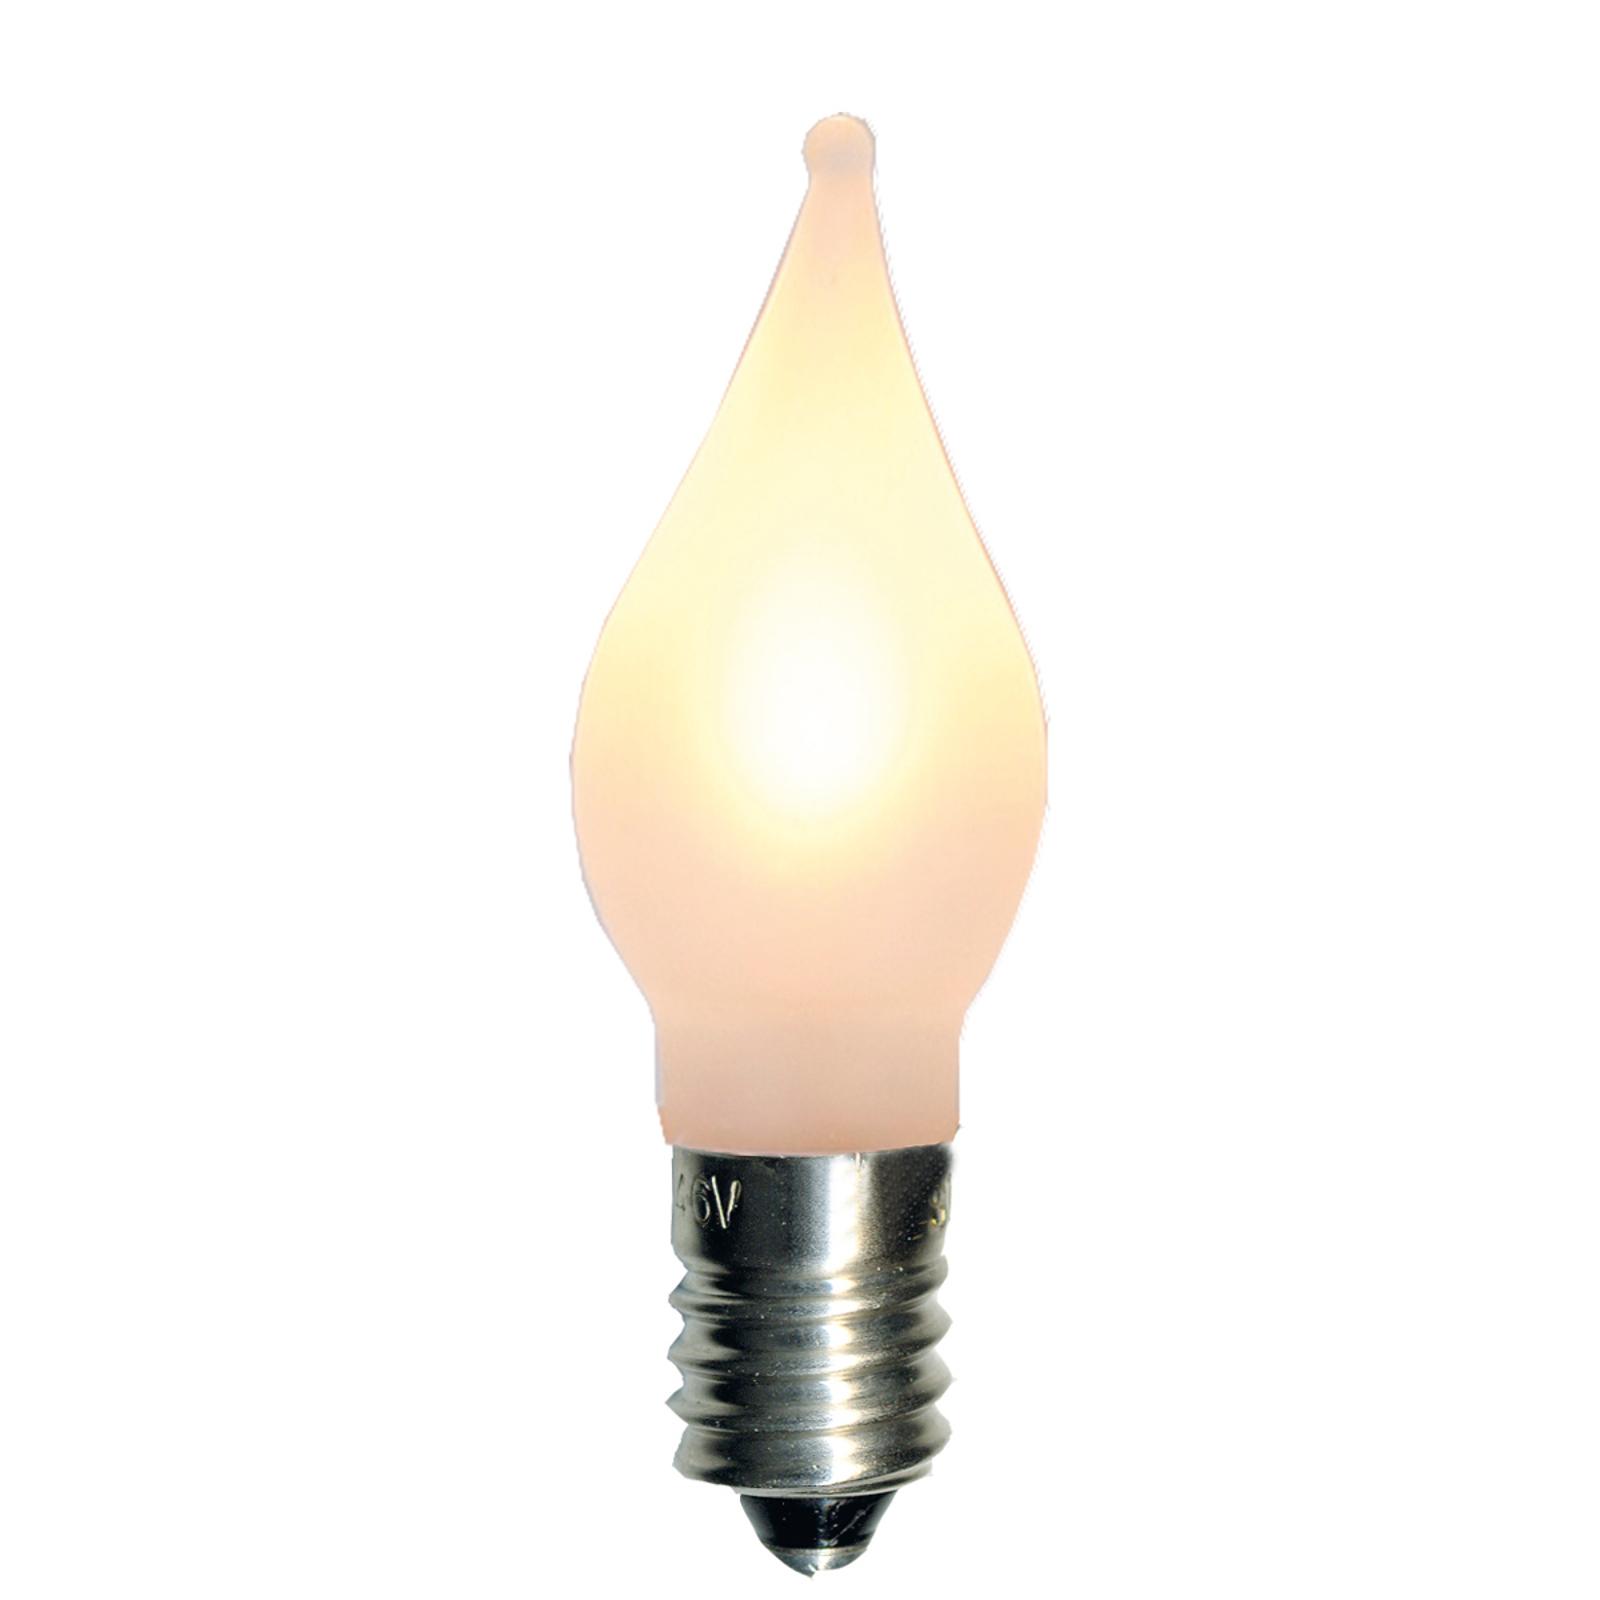 E10 0.1W 10-55V LED bulb pack of 3, flame tip_1522313_1